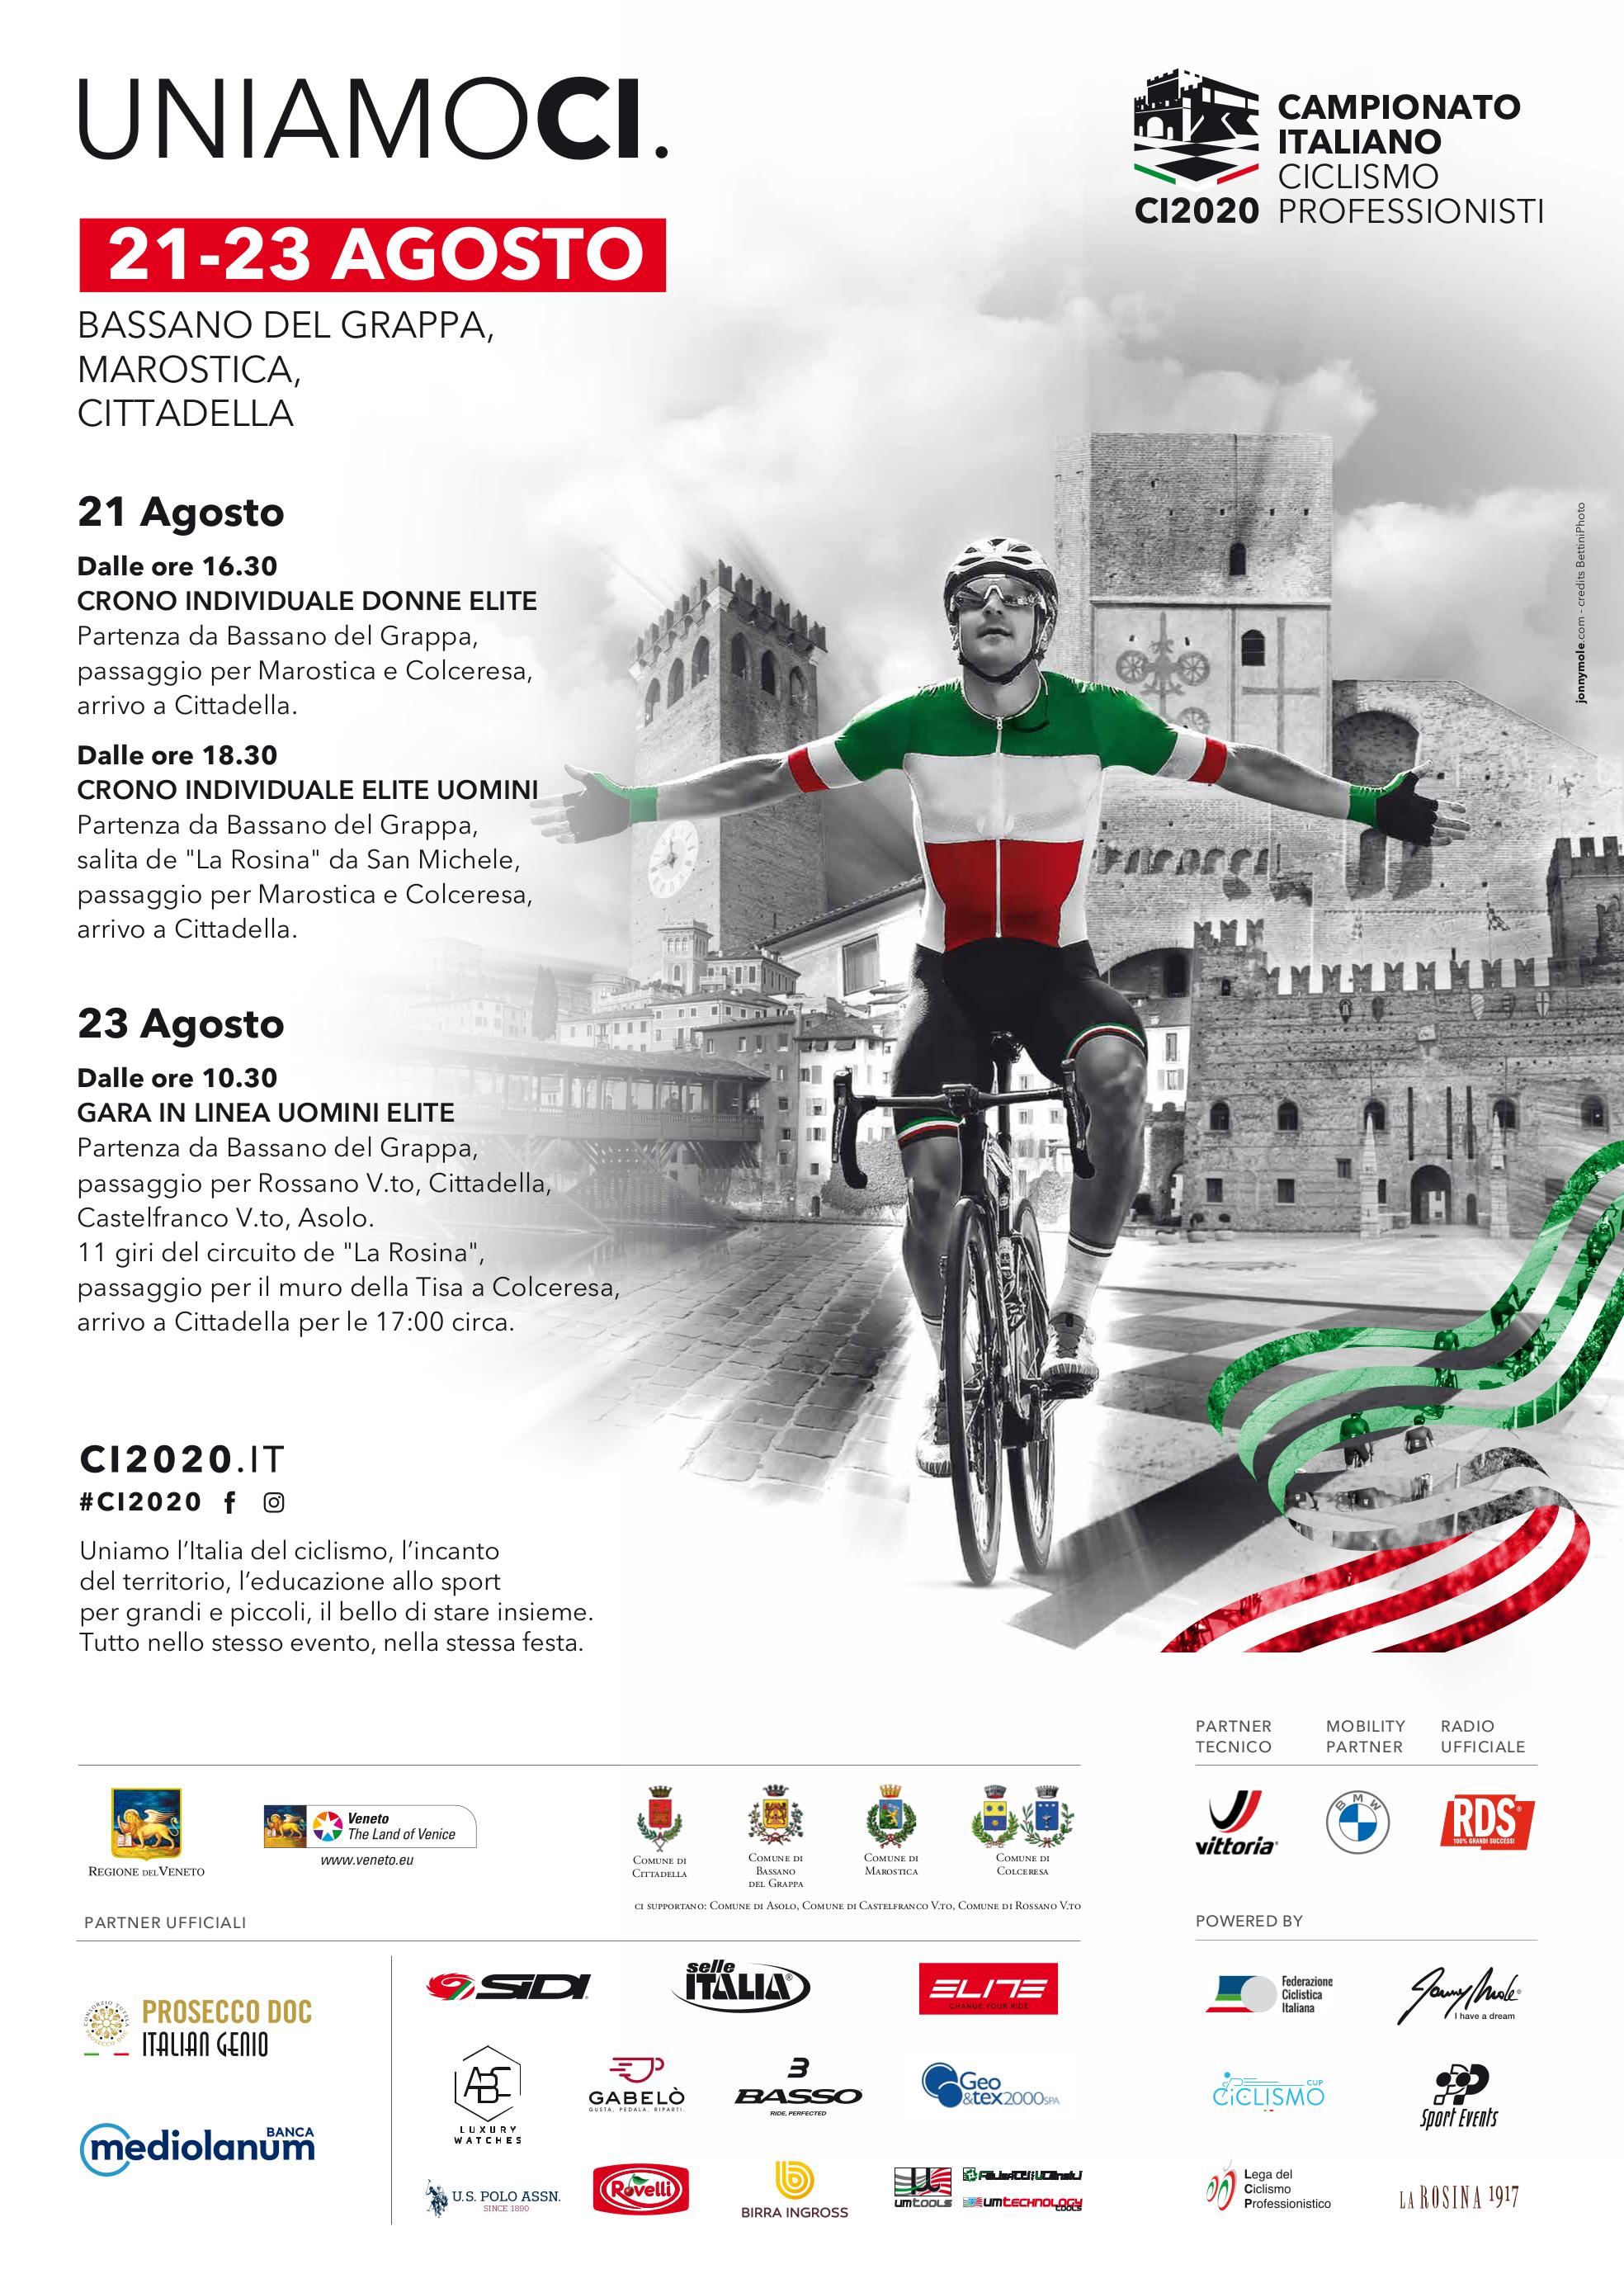 Campionato Italiano Ciclismo